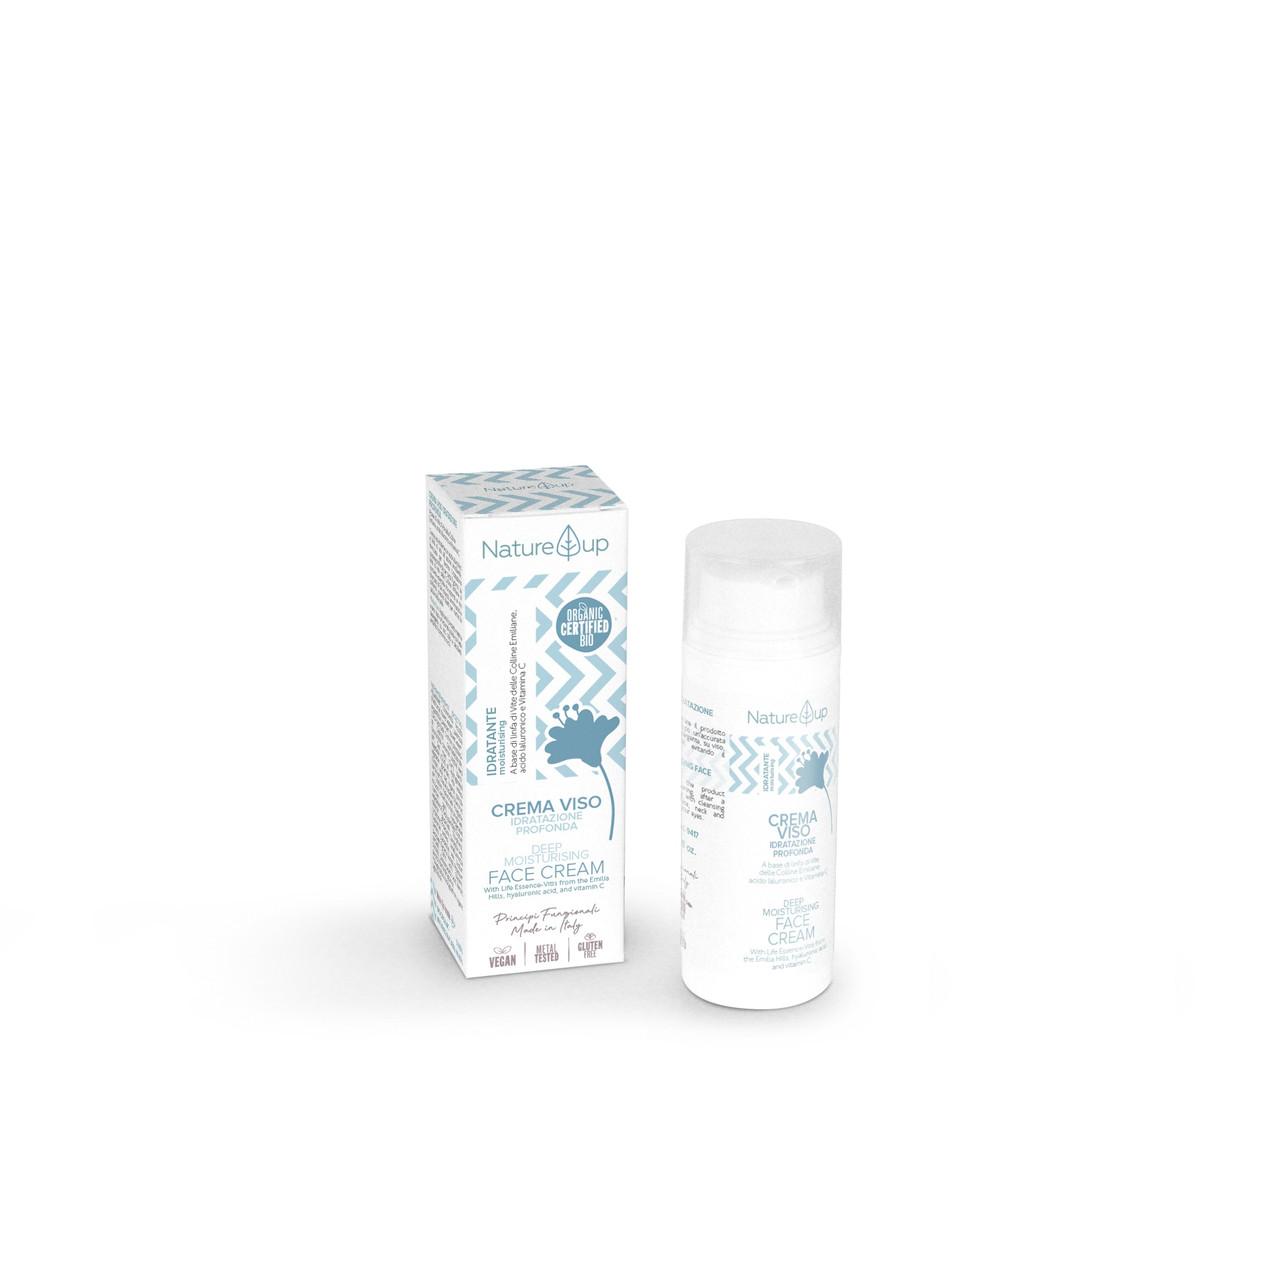 Глубоко увлажняющий крем для лица Nature UP Bema Cosmetici,50 мл